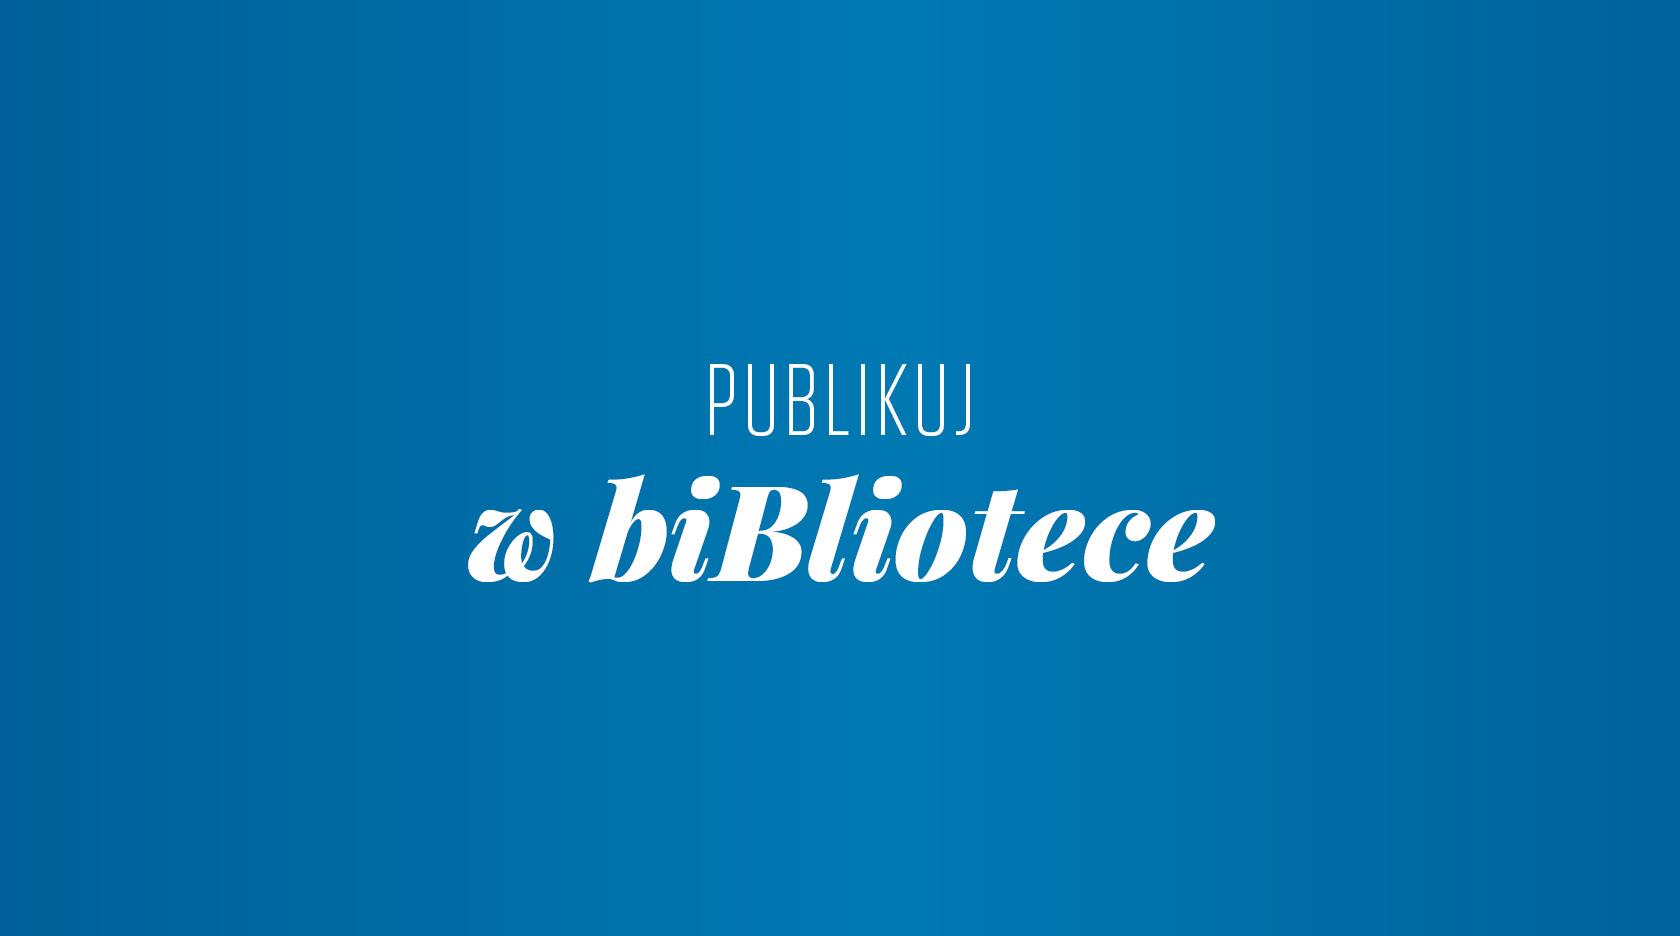 publikuj_top